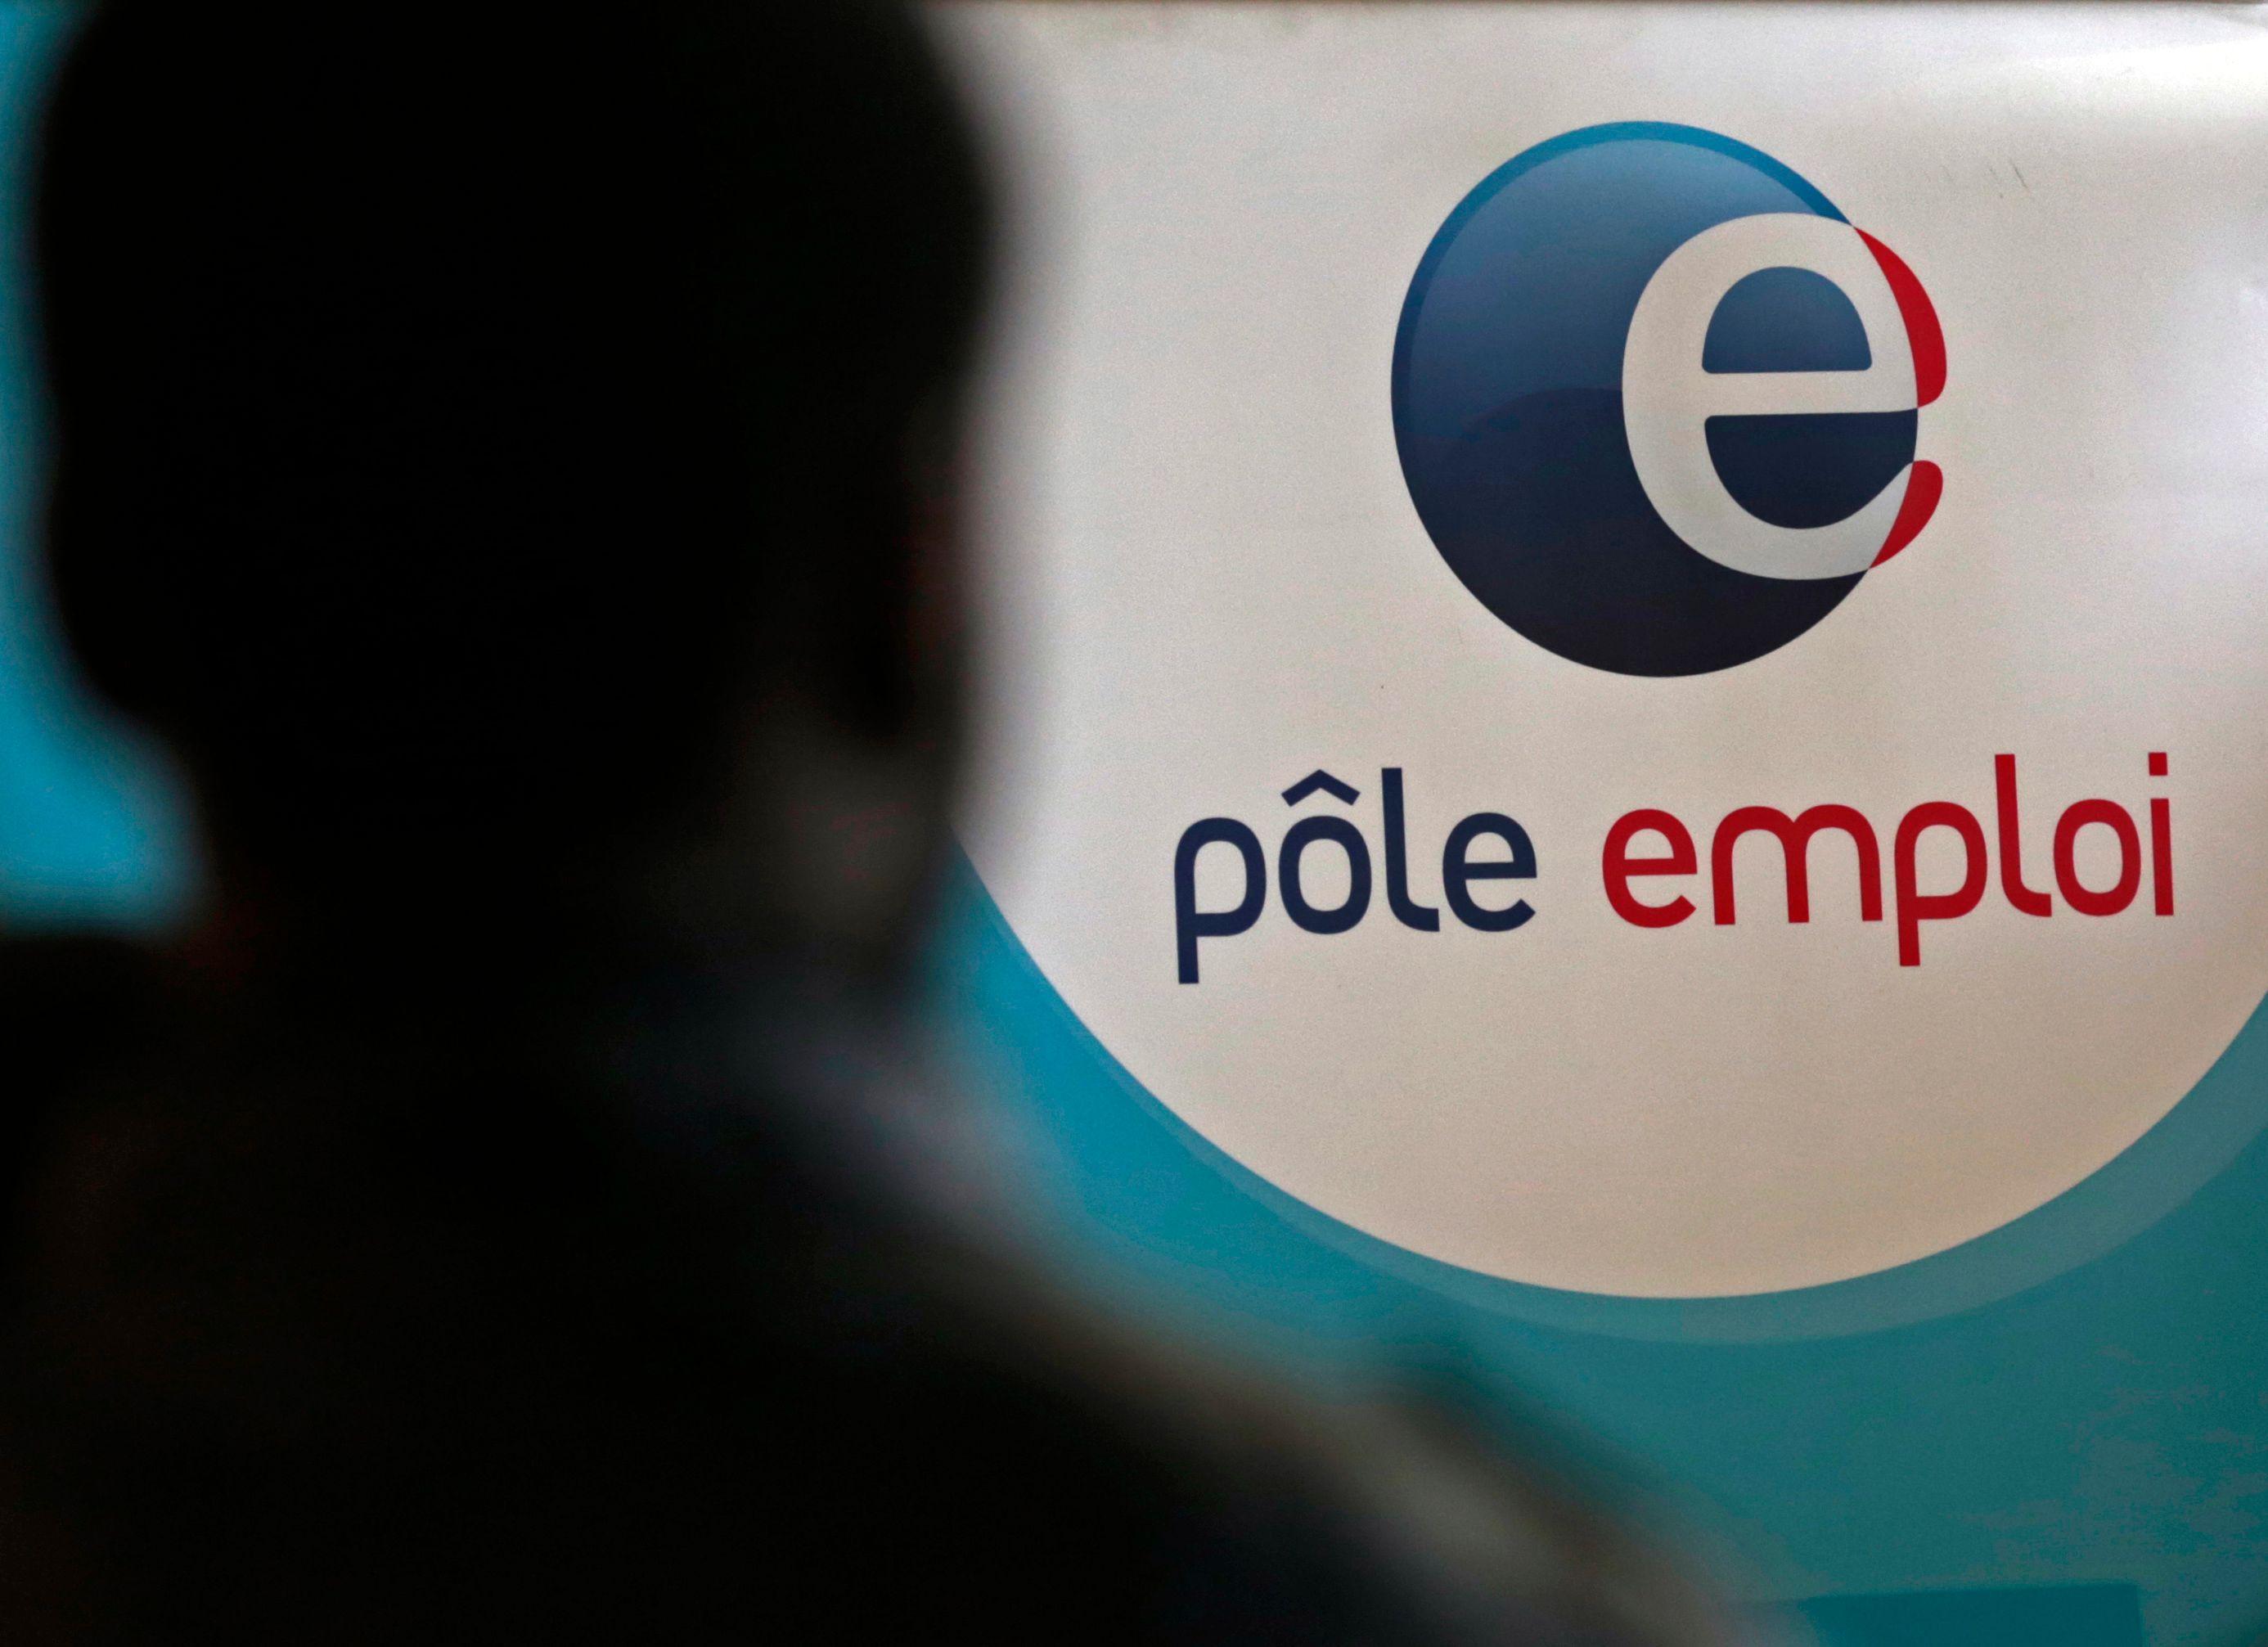 En 2012, l'emploi total en France atteint 26.3 millions.